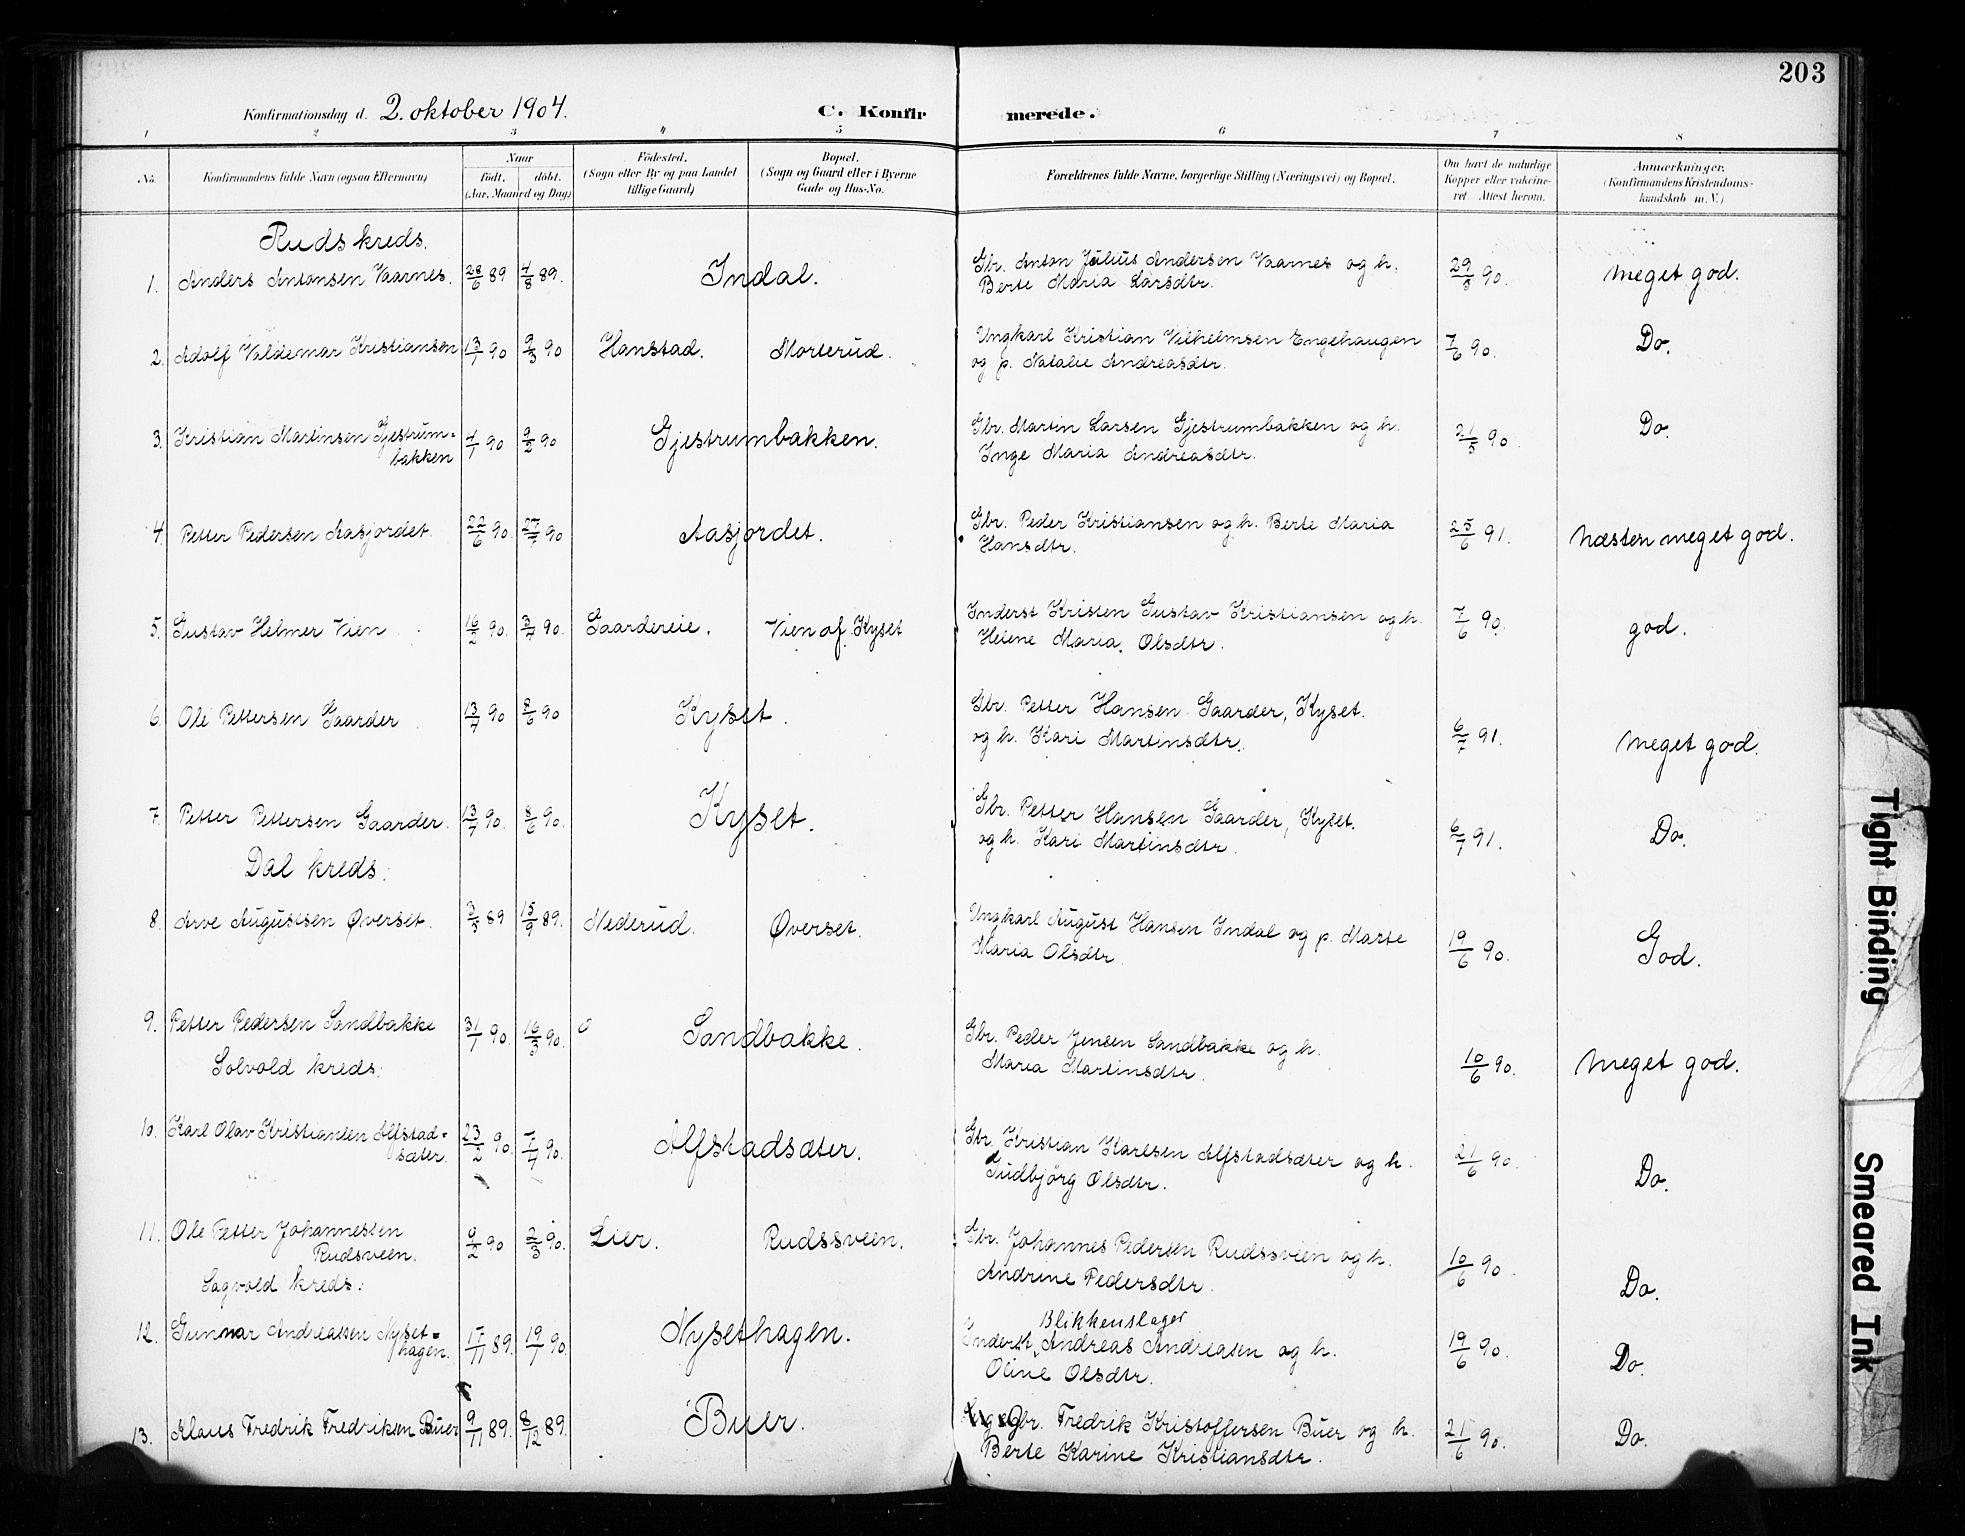 SAH, Vestre Toten prestekontor, Ministerialbok nr. 11, 1895-1906, s. 203